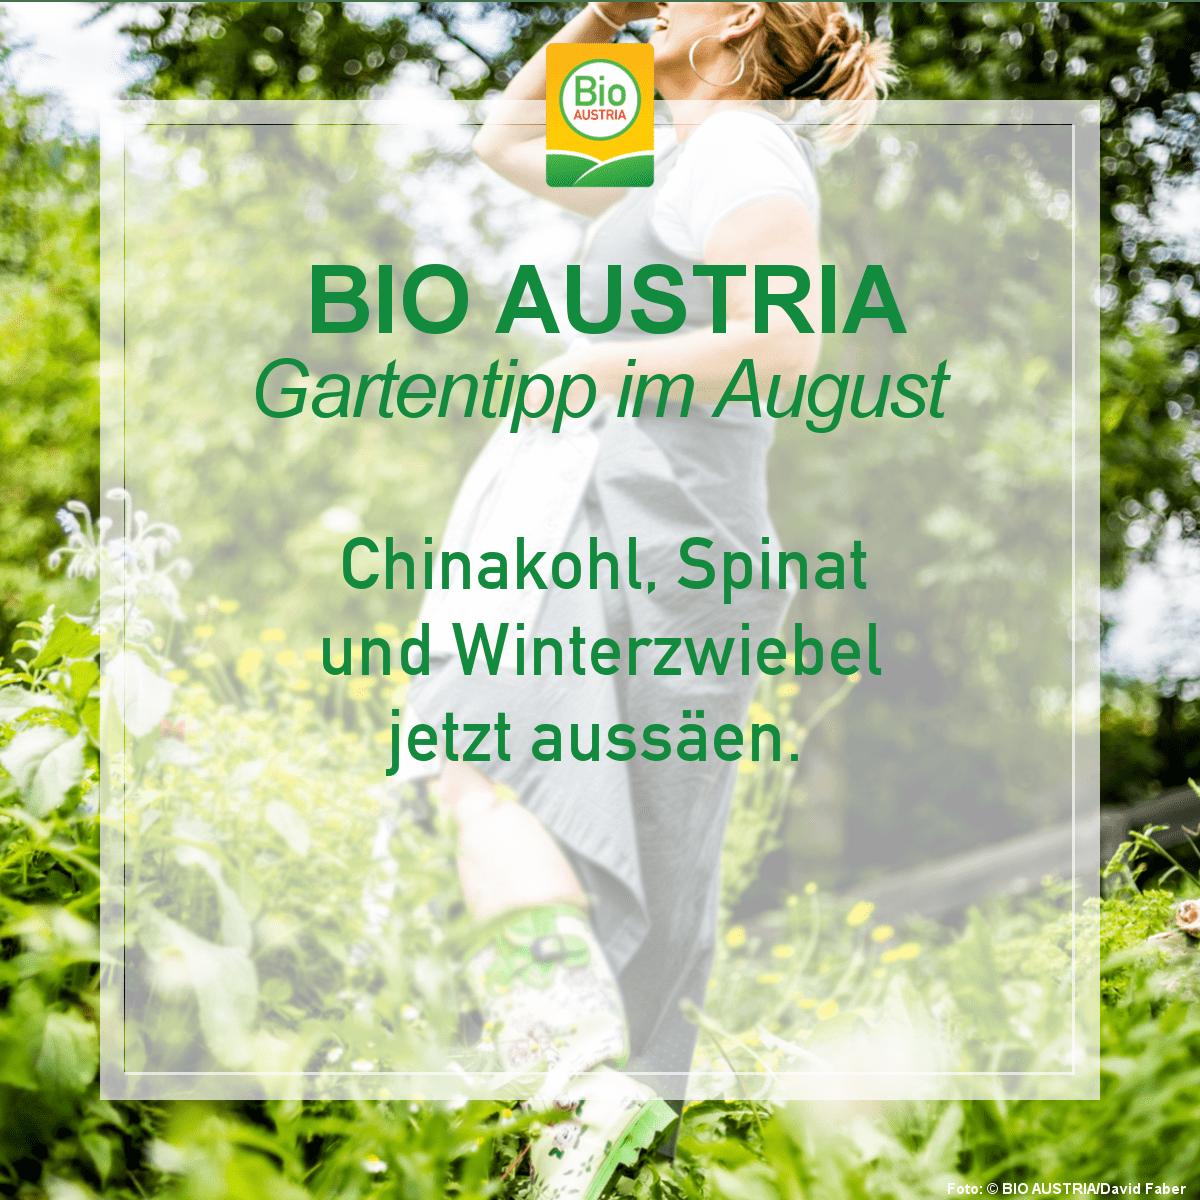 BIO AUSTRIA Gartentipp Winterzwiebel jetzt aussäen